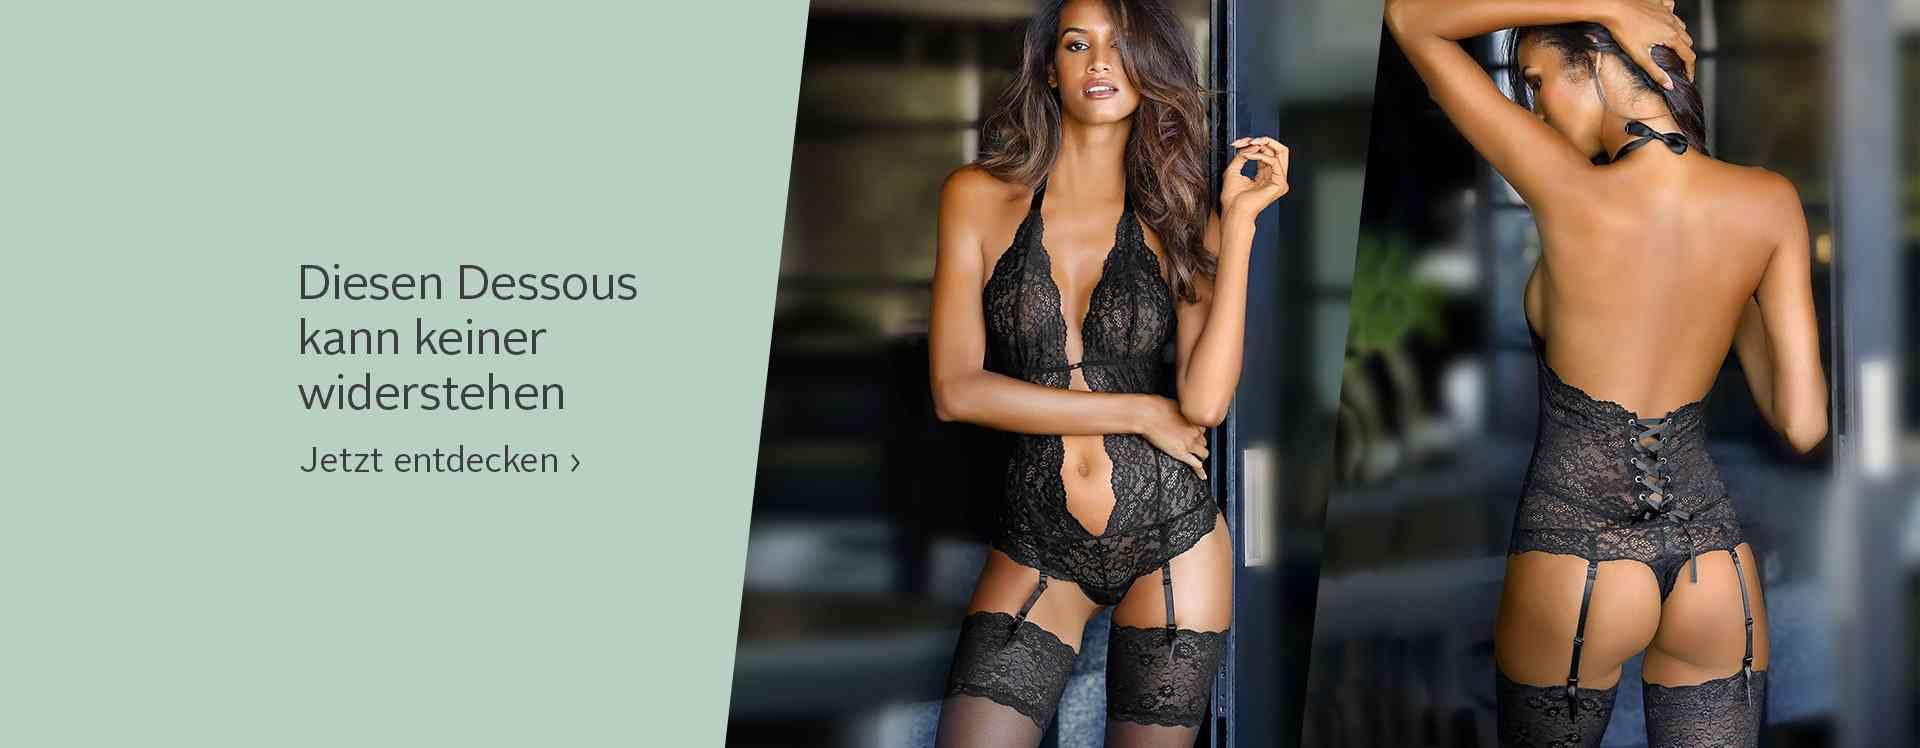 Dessous auf otto.catalogi.ru - Reizwäsche, Spitzen-BHs für verführerische Momente. Нижнее белье dürfen an einem romantischen Abend nicht fehlen und gehören in den Kleiderschrank einer jeden Frau.